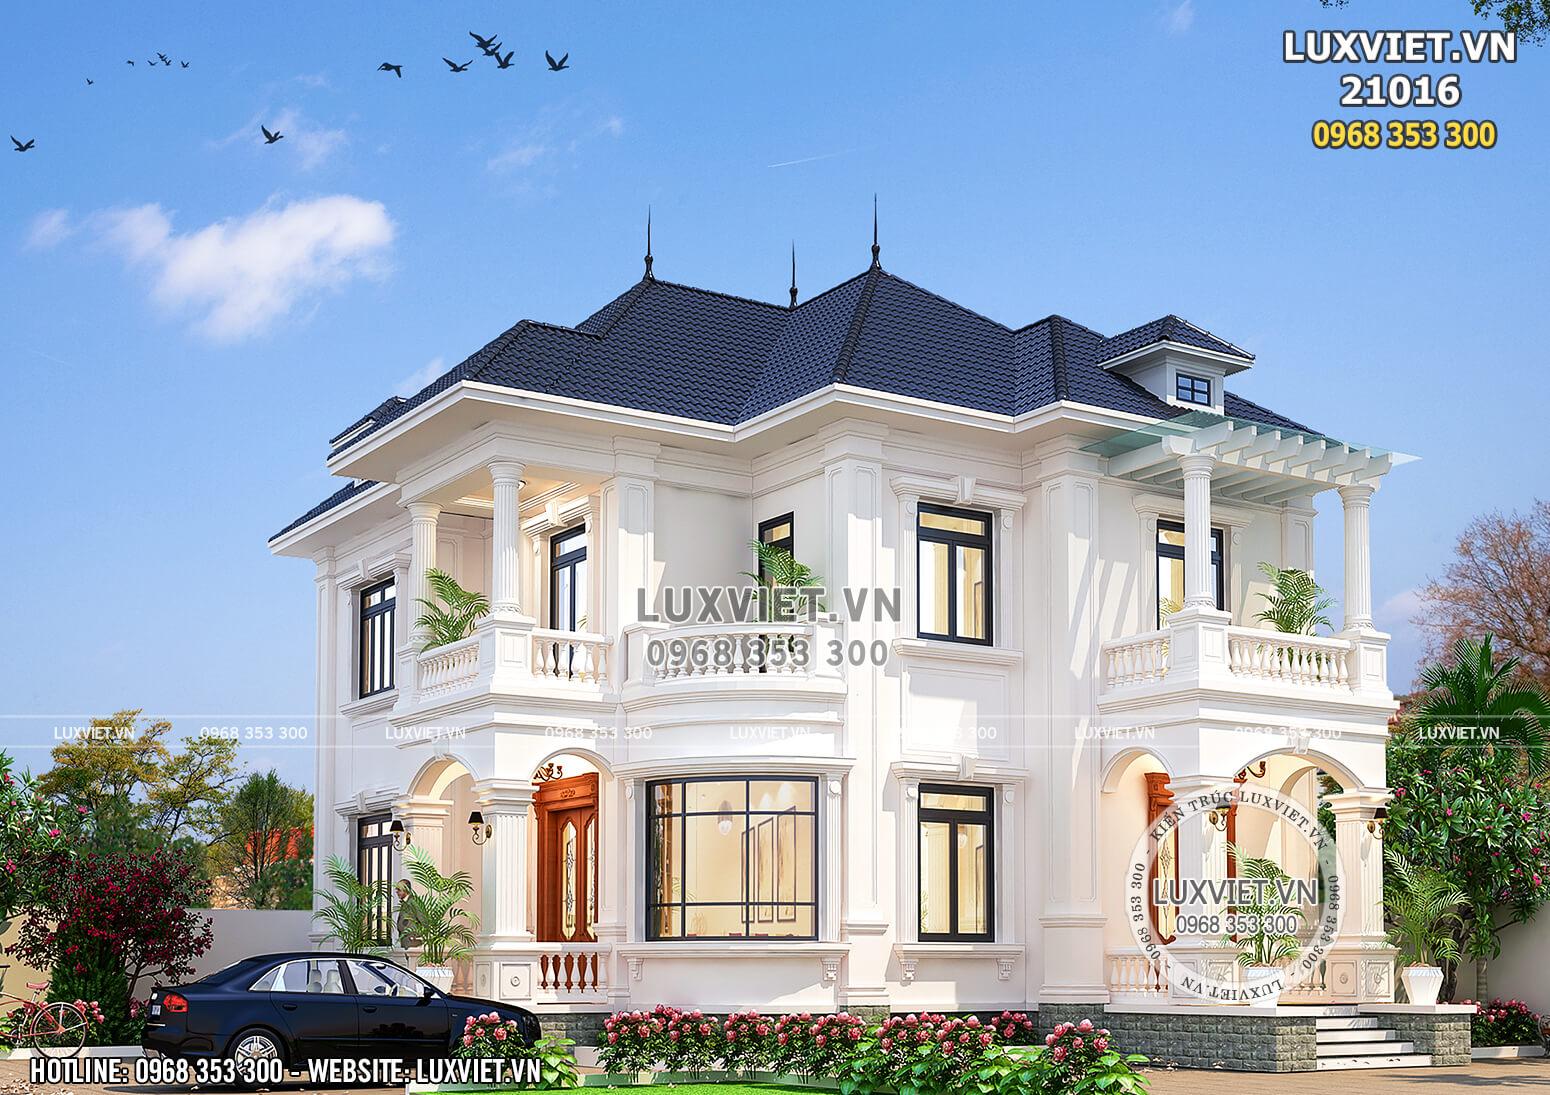 Vẻ đẹp xa hoa, lộng lẫy và tinh tế của mẫu thiết kế nhà 2 tầng